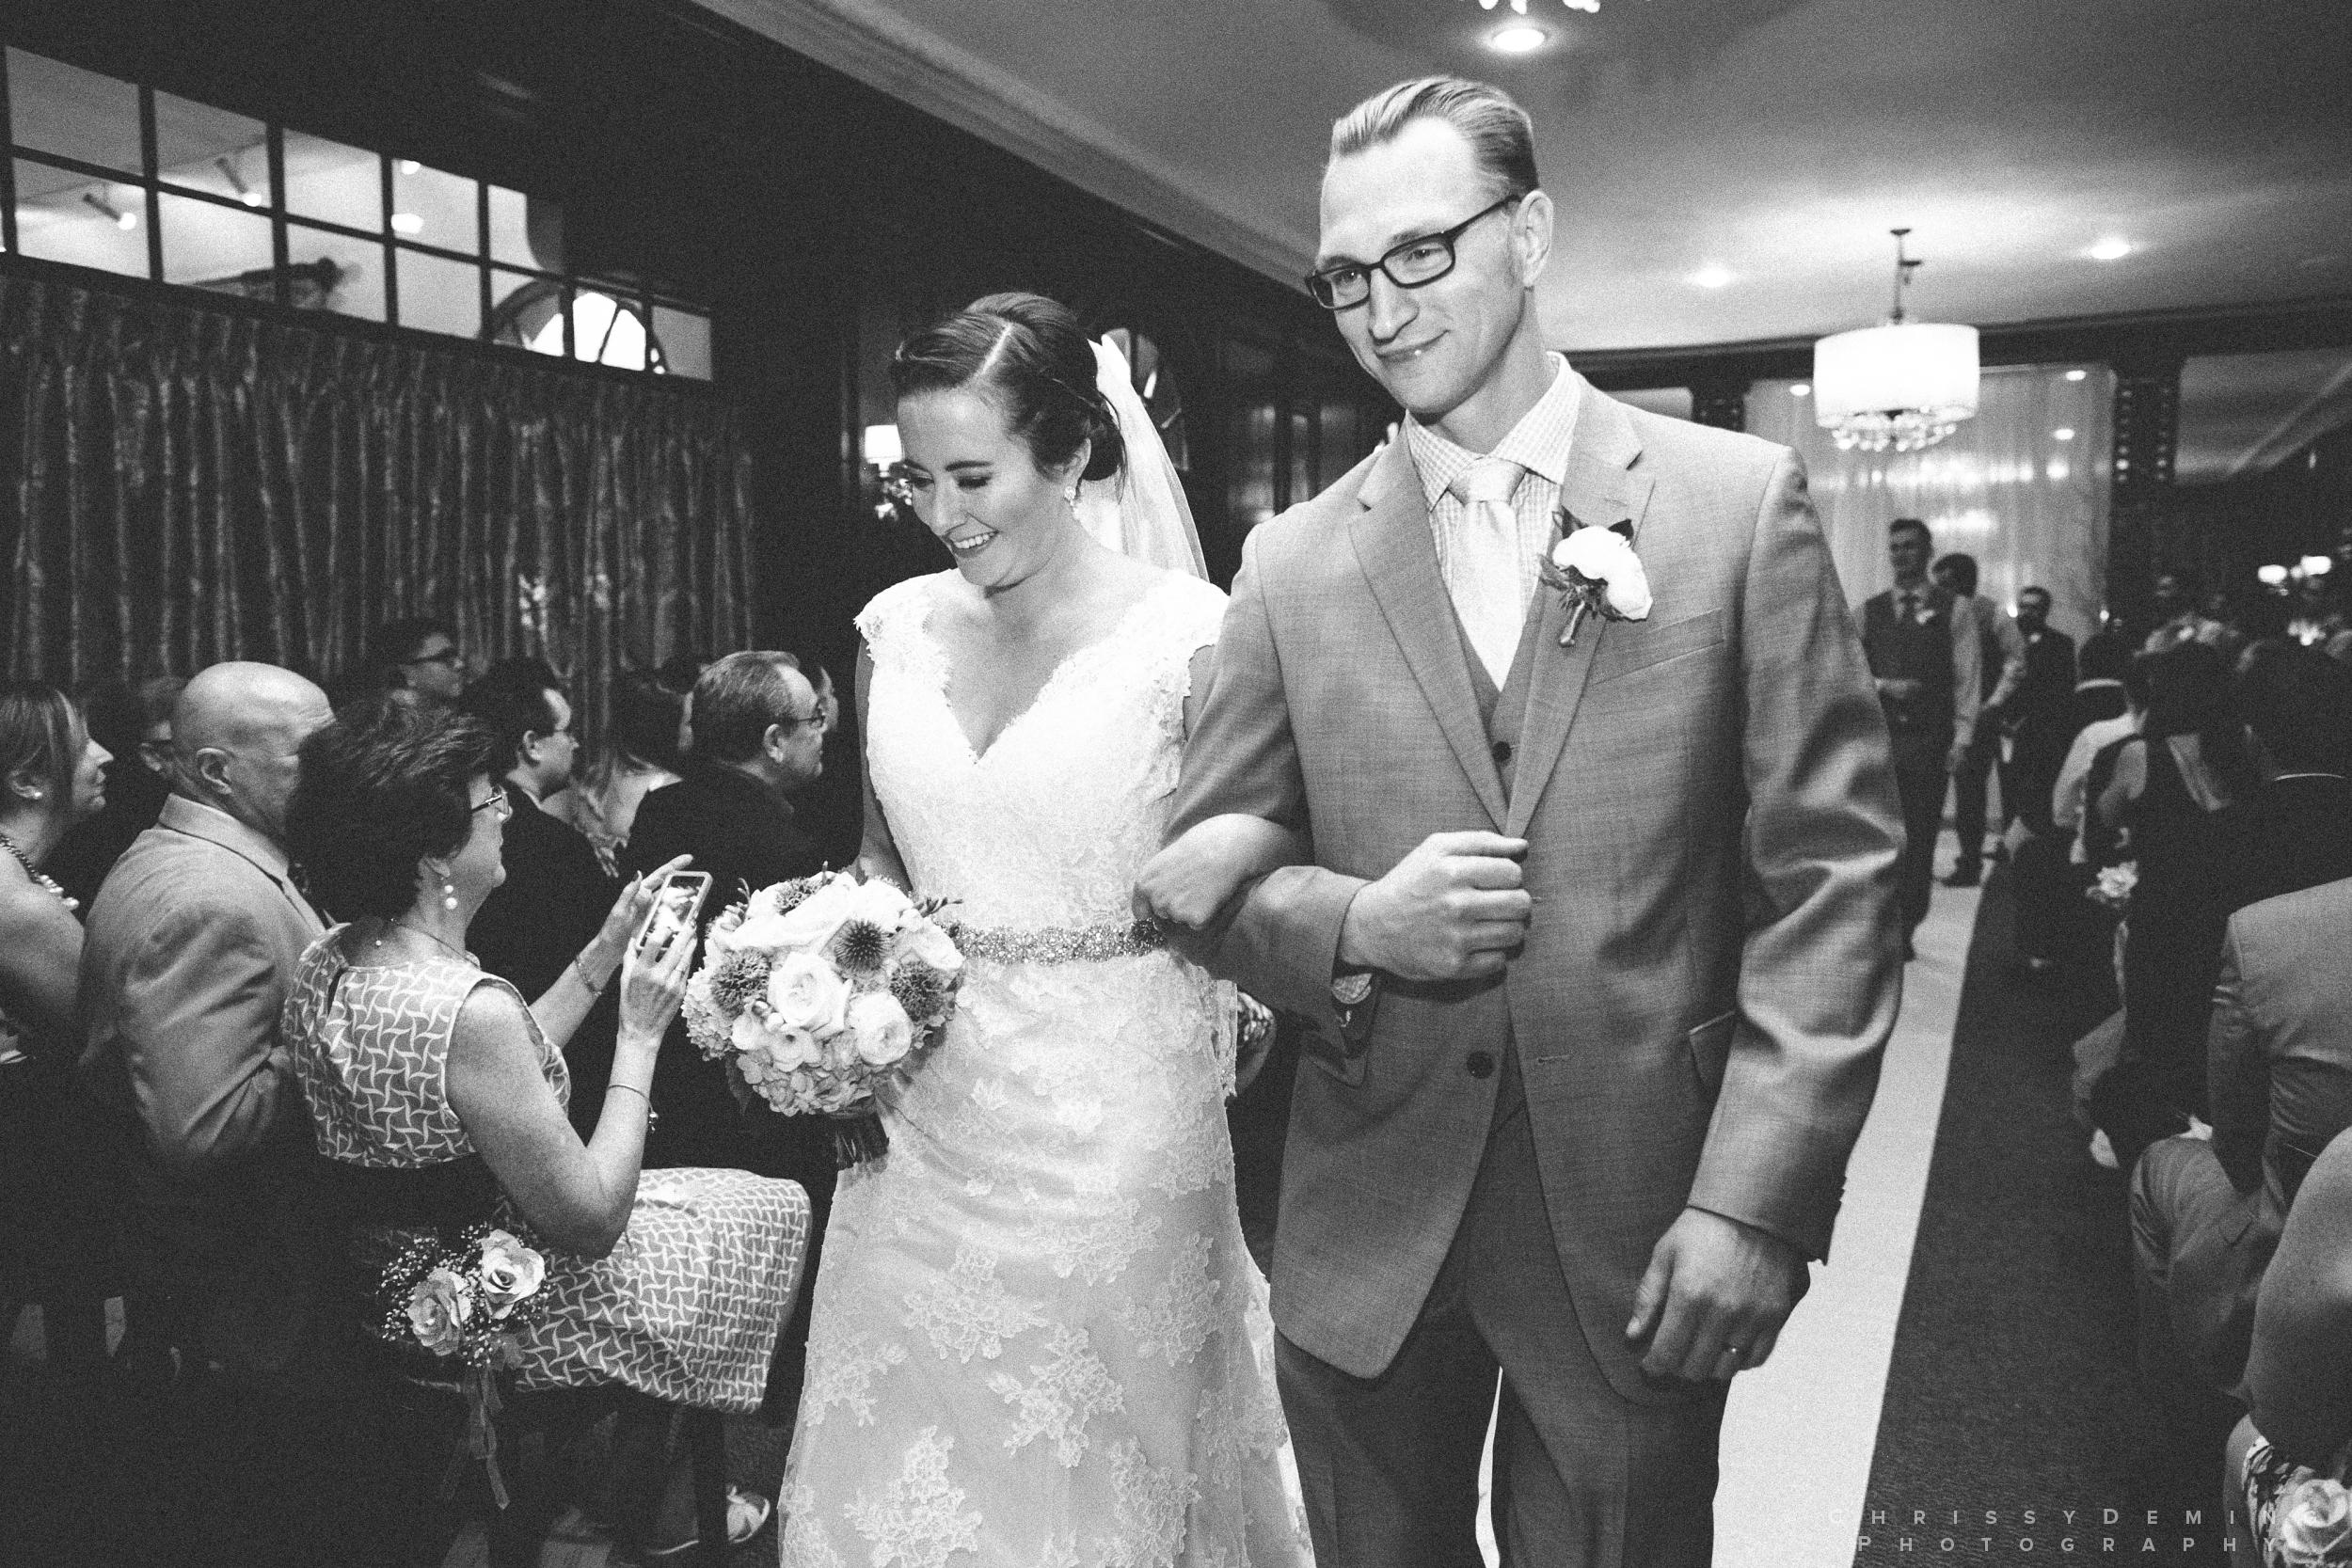 salvatores_chicago_ wedding_photographer_0048.jpg